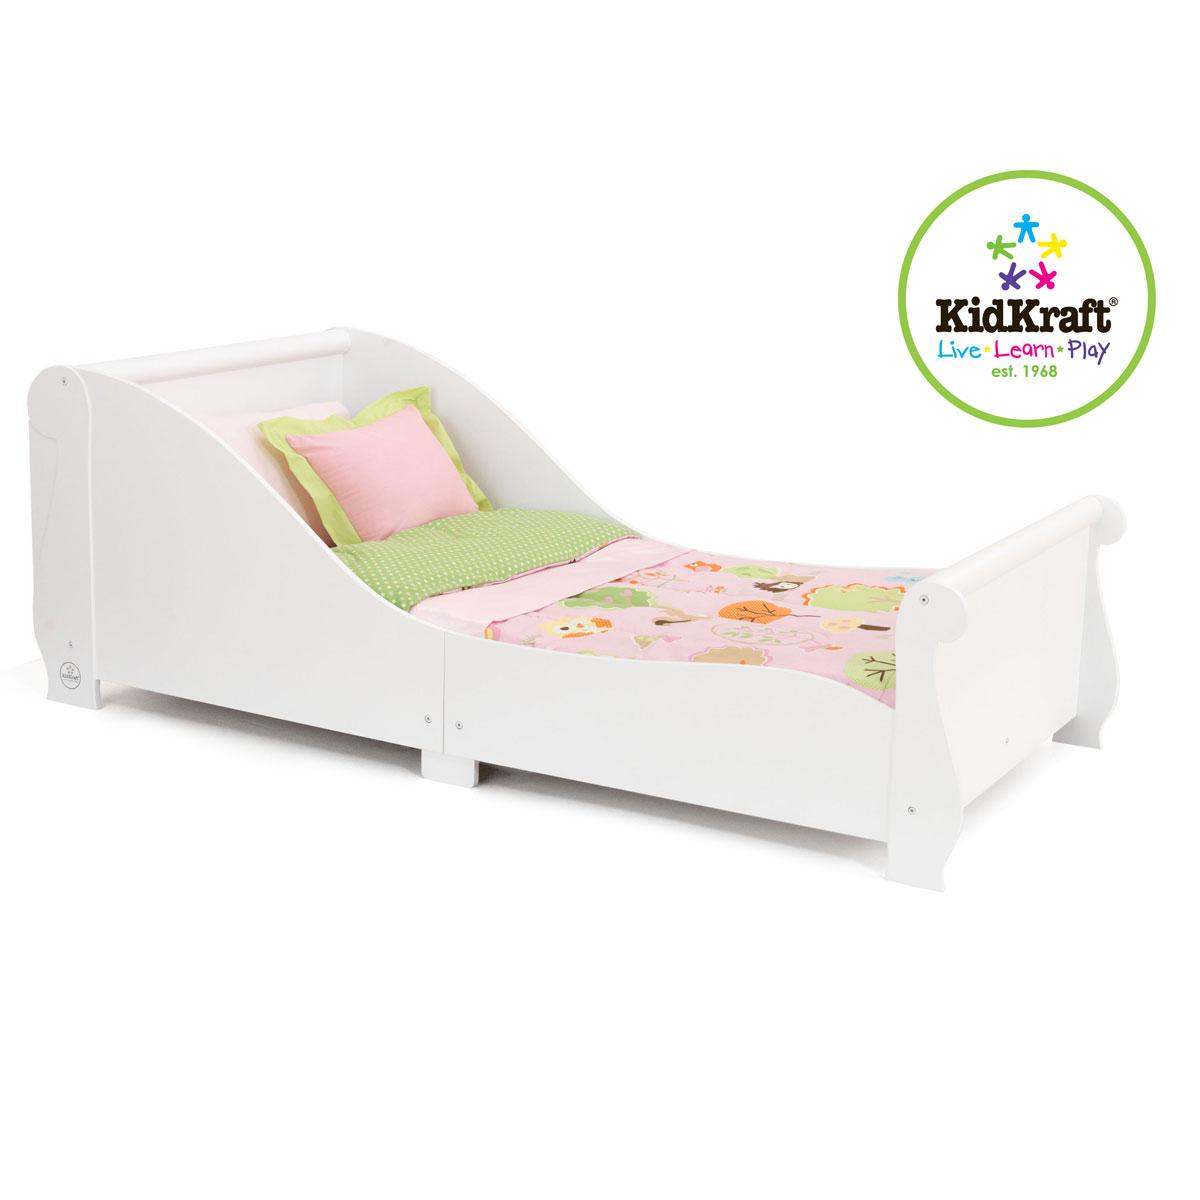 Детская кровать - Sleigh, белаяДетские кровати и мягкая мебель<br>Детская кровать - Sleigh, белая<br>